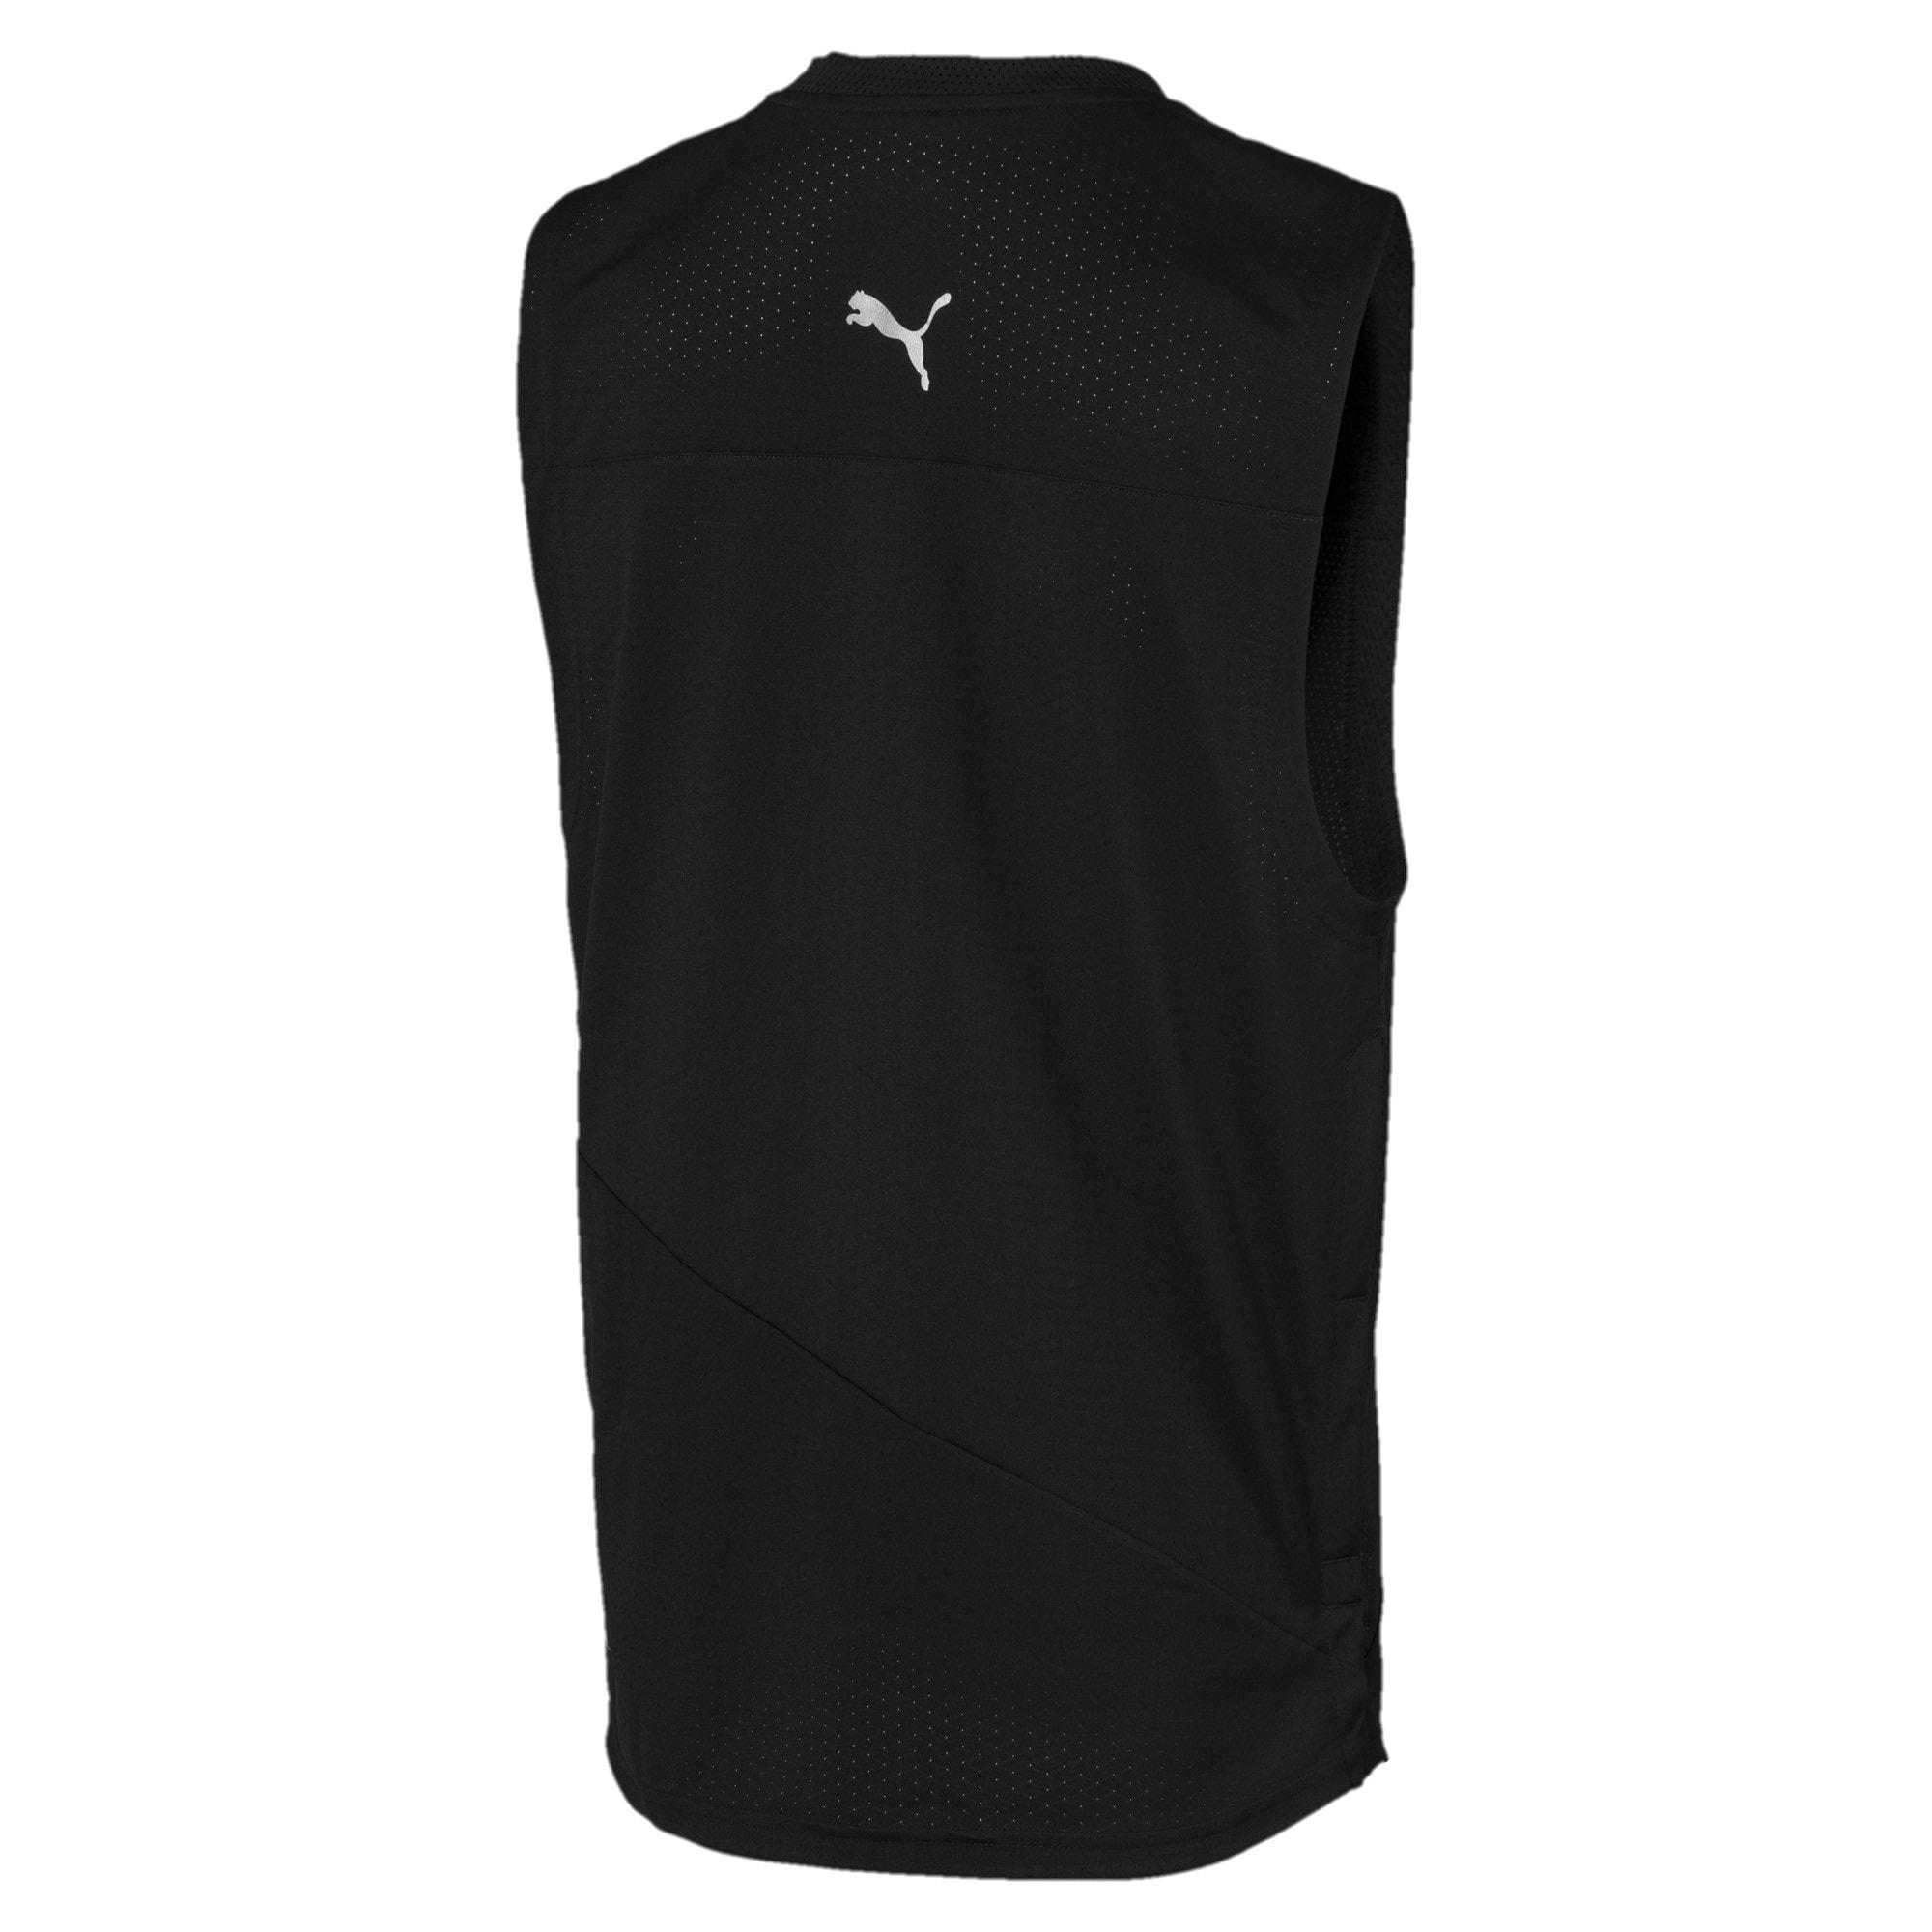 Miniatura 3 de Camiseta sin mangas A.C.E. para hombre, Puma Black, mediano